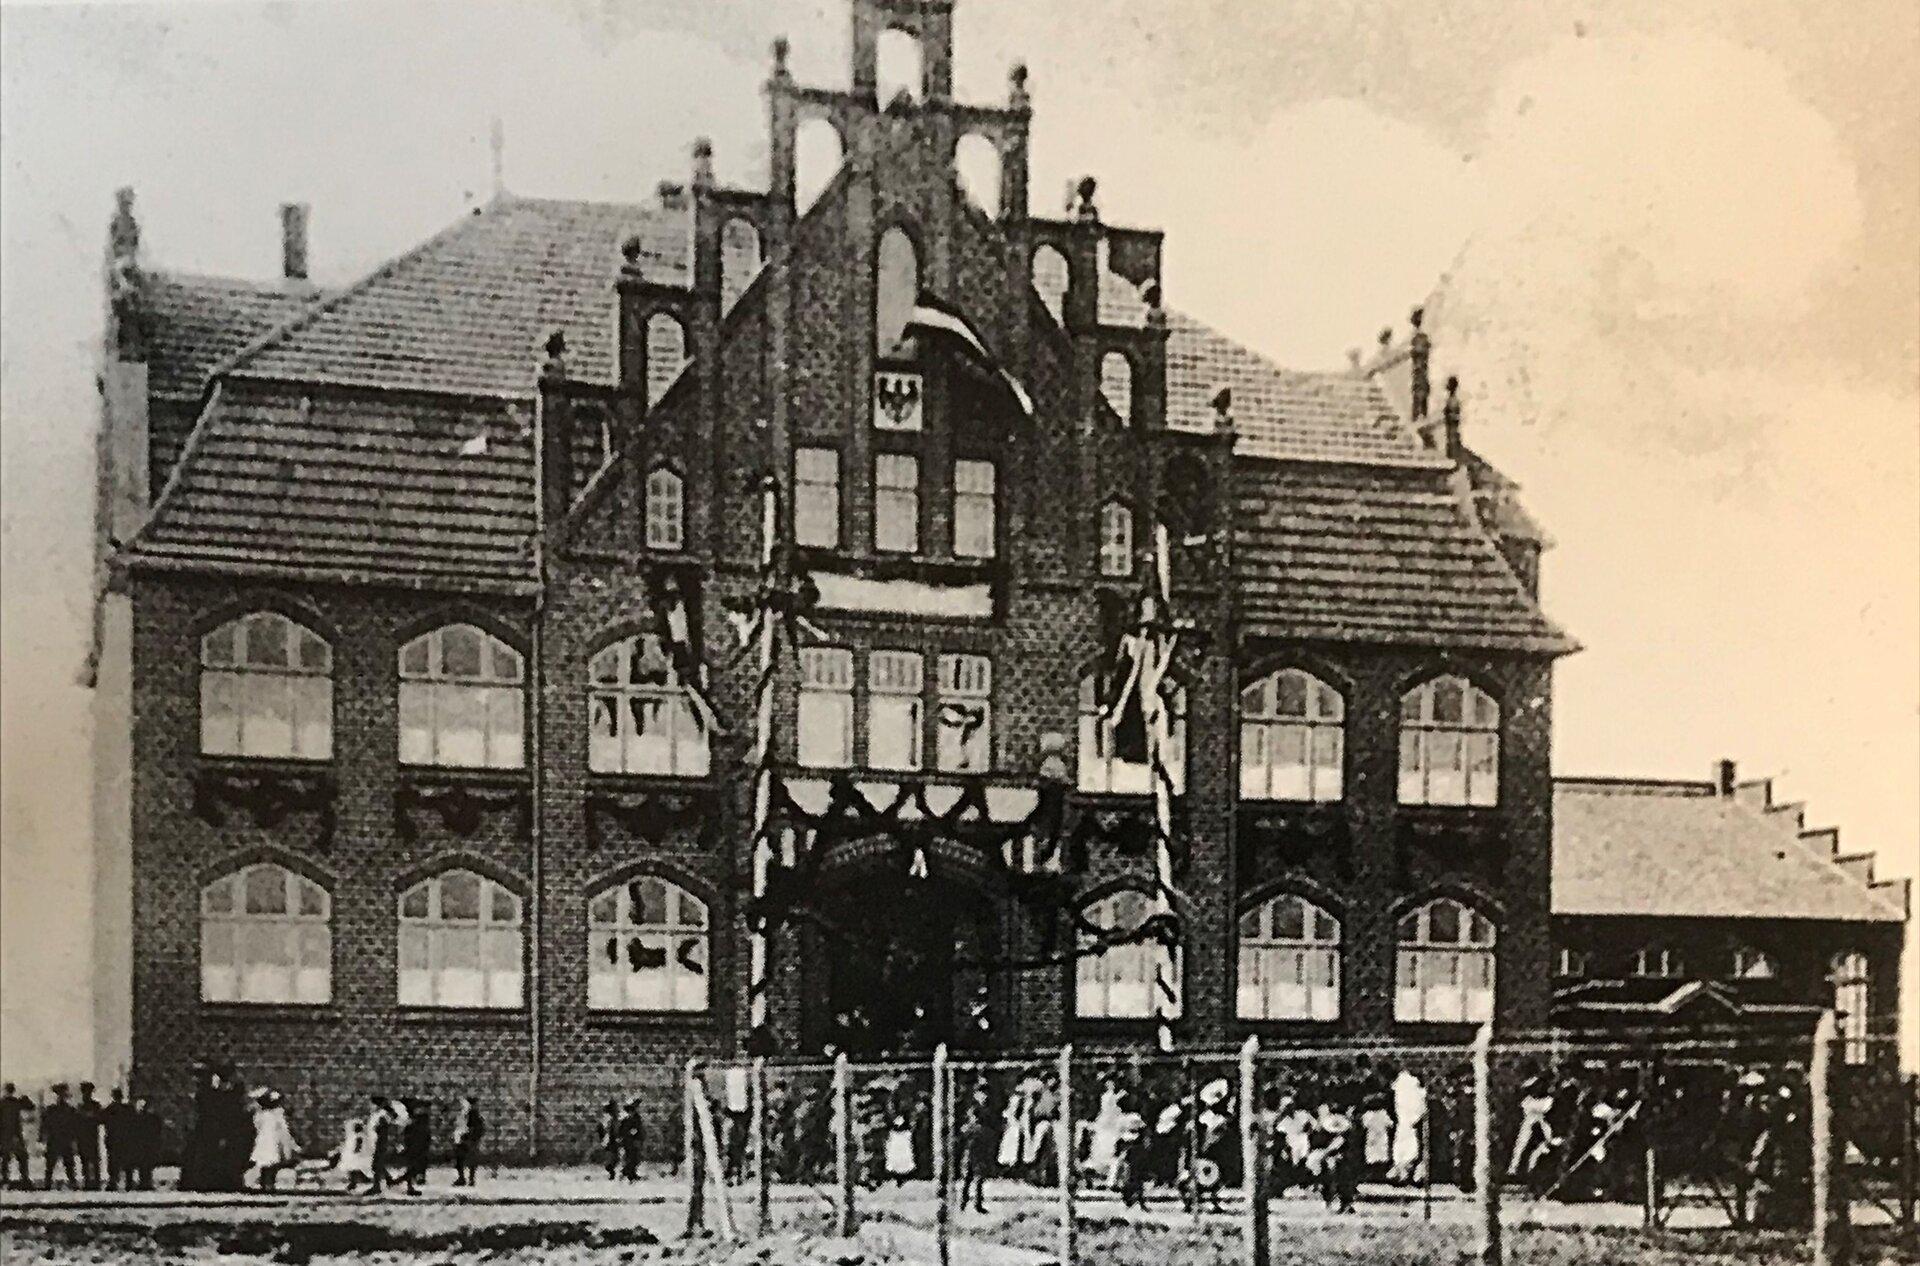 Unser Bild zeigt die Gemeindeschule 2 in der Kruppstraße (Quelle: Museum und Galerie Falkensee).